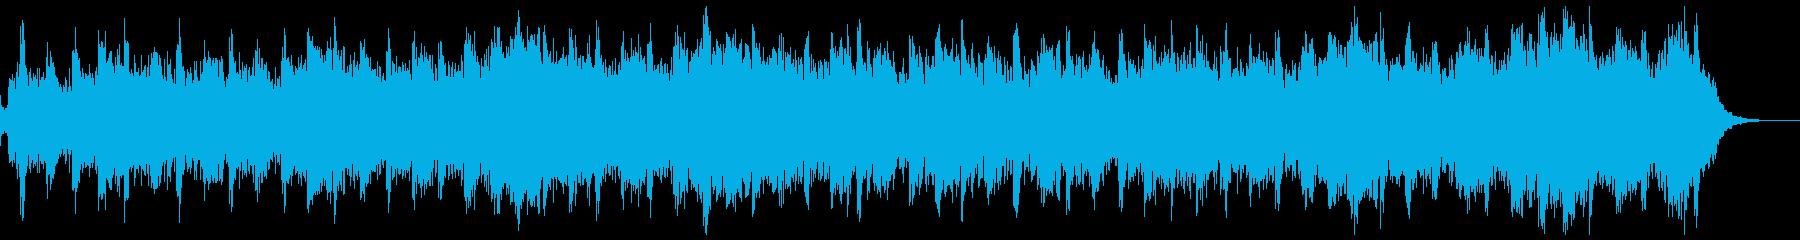 クリスマスのキラキラ静かなジングルの再生済みの波形